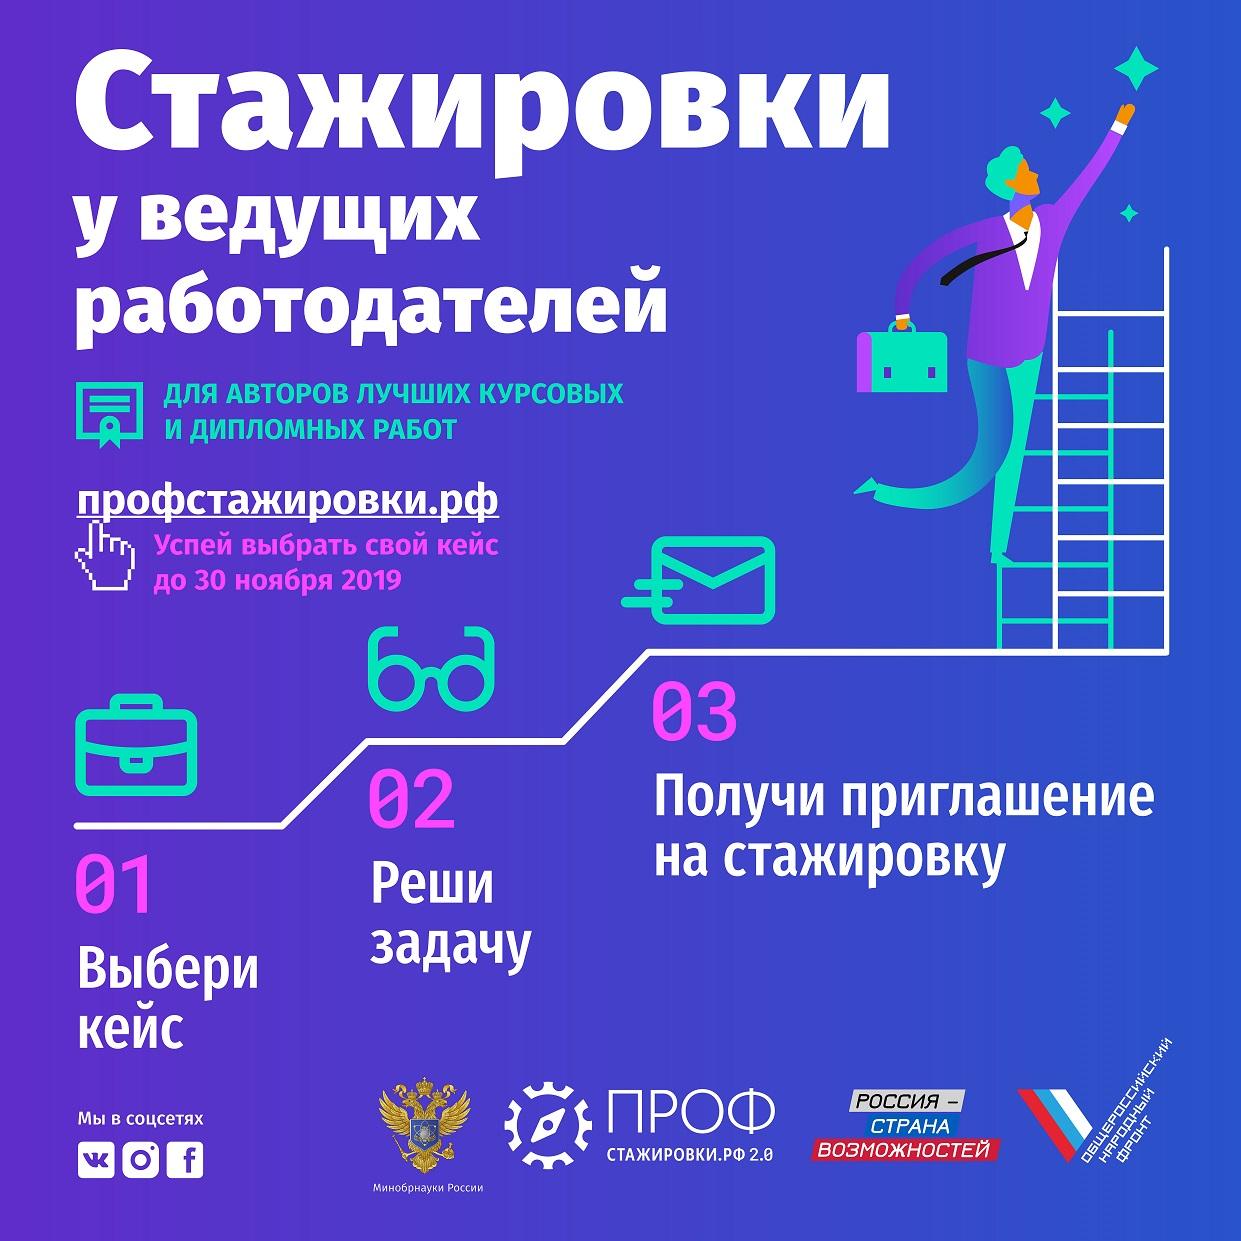 Студенты региона могут стать участниками Всероссийского проекта «Профстажировки 2.0»